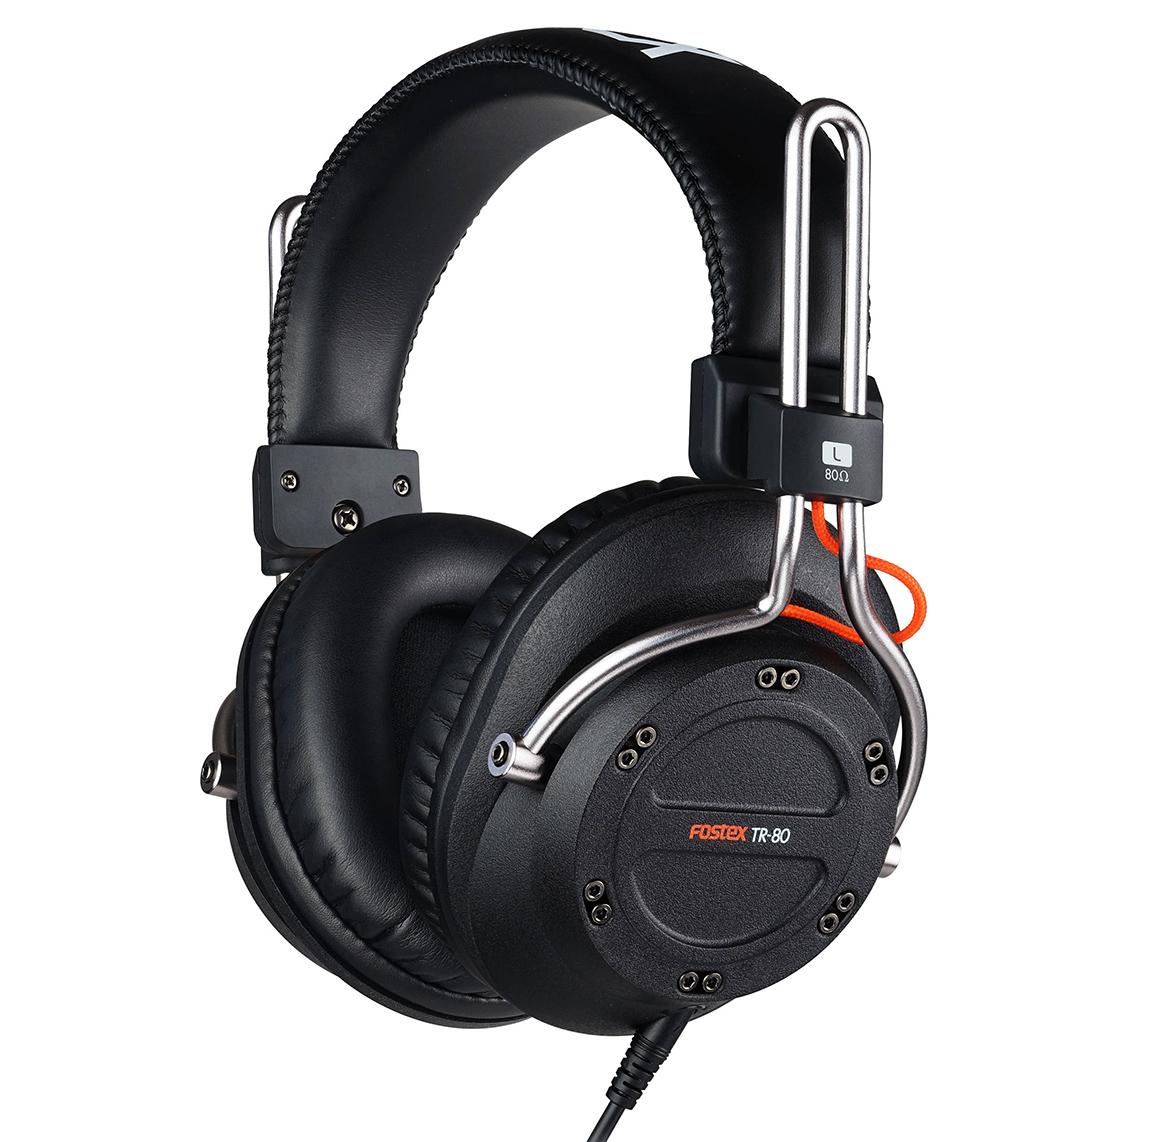 Fostex TR-80 250 Ом - полноразмерные наушники (Black)